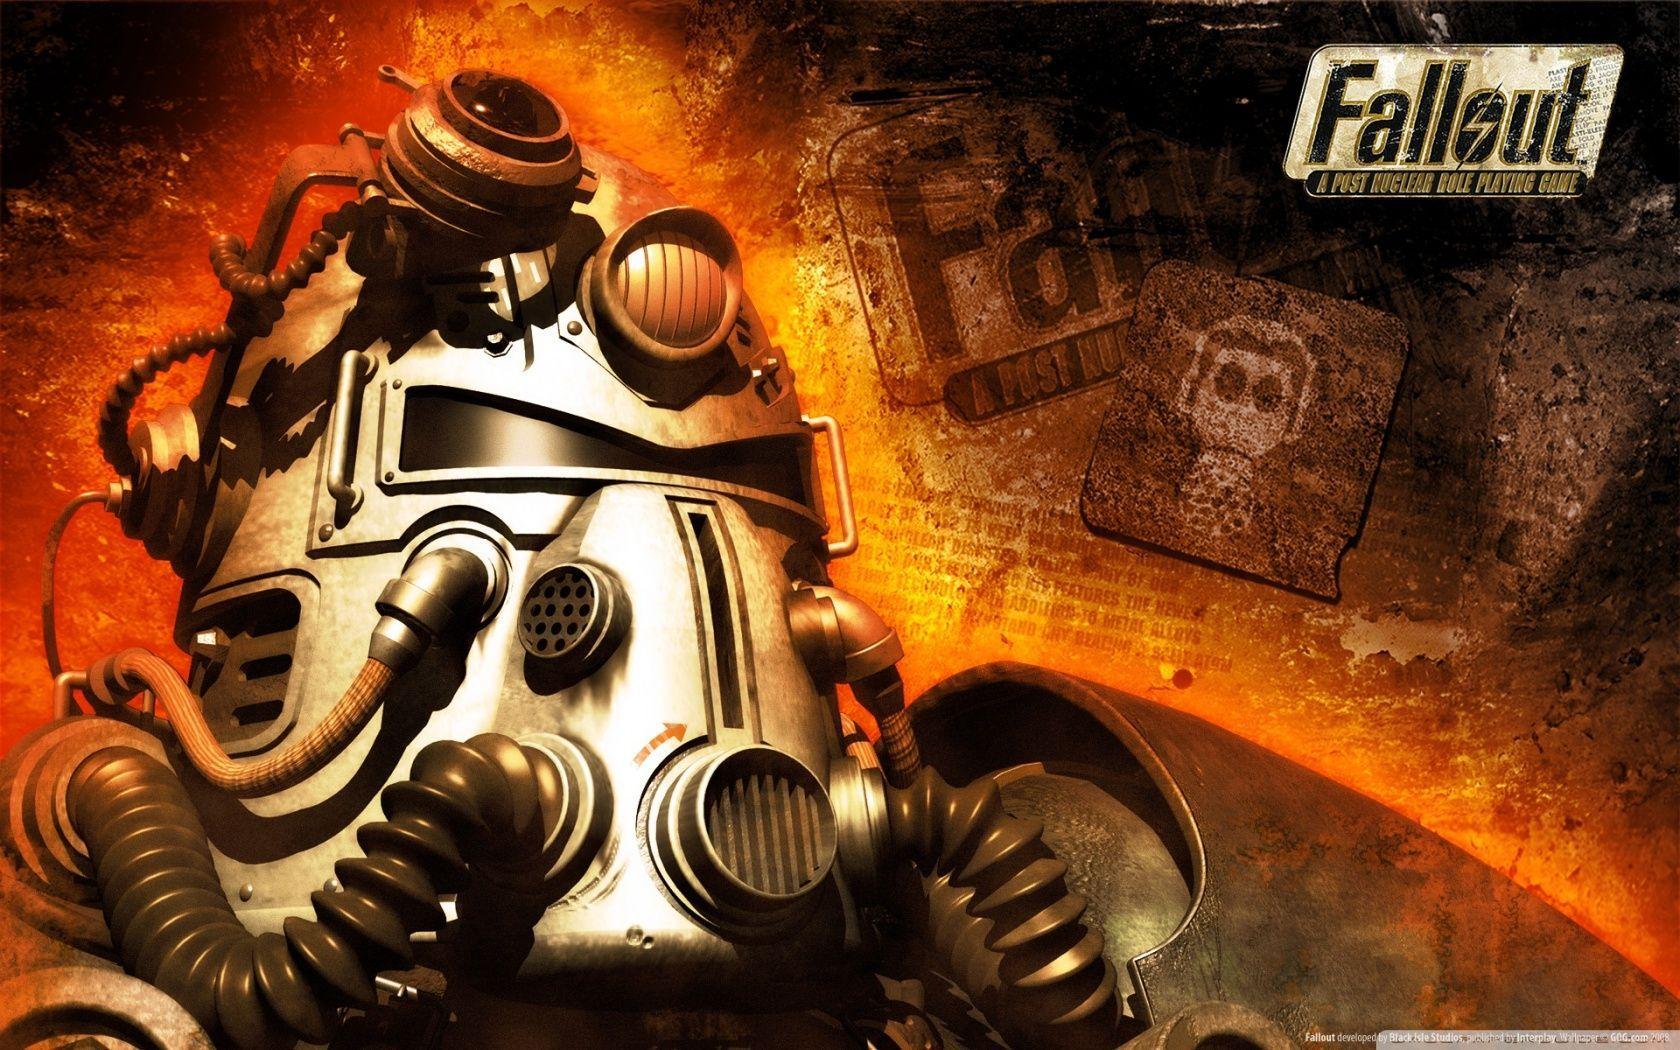 3025 - ¿Cuánto sabes realmente de la saga Fallout?